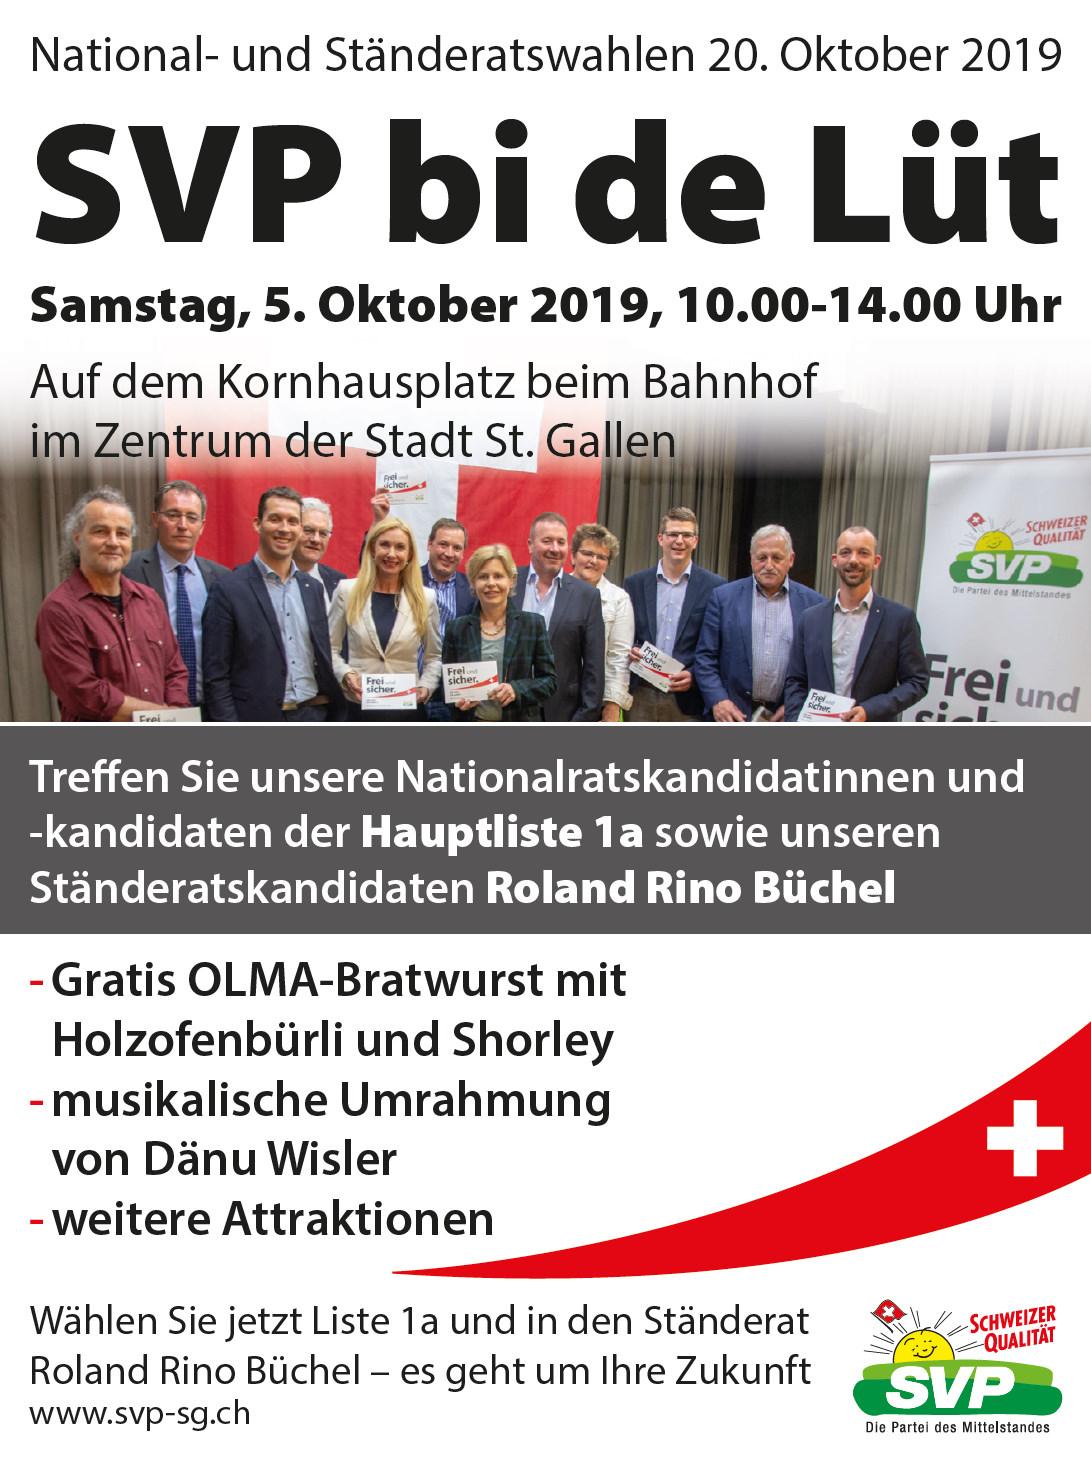 SVP bi de Lüt auf dem Kornhausplatz im Zentrum der Stadt St. Gallen (Samstag, 05.10.2019)